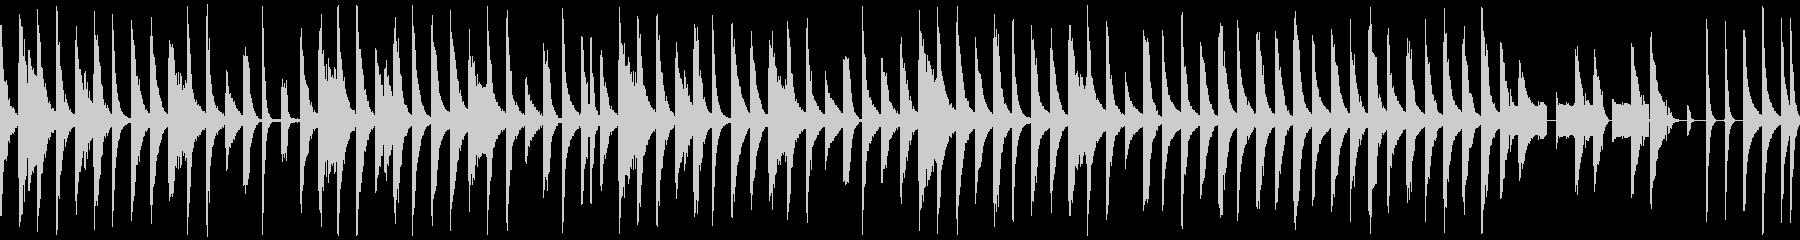 【ループ再生】コミカル・おっとり系BGMの未再生の波形